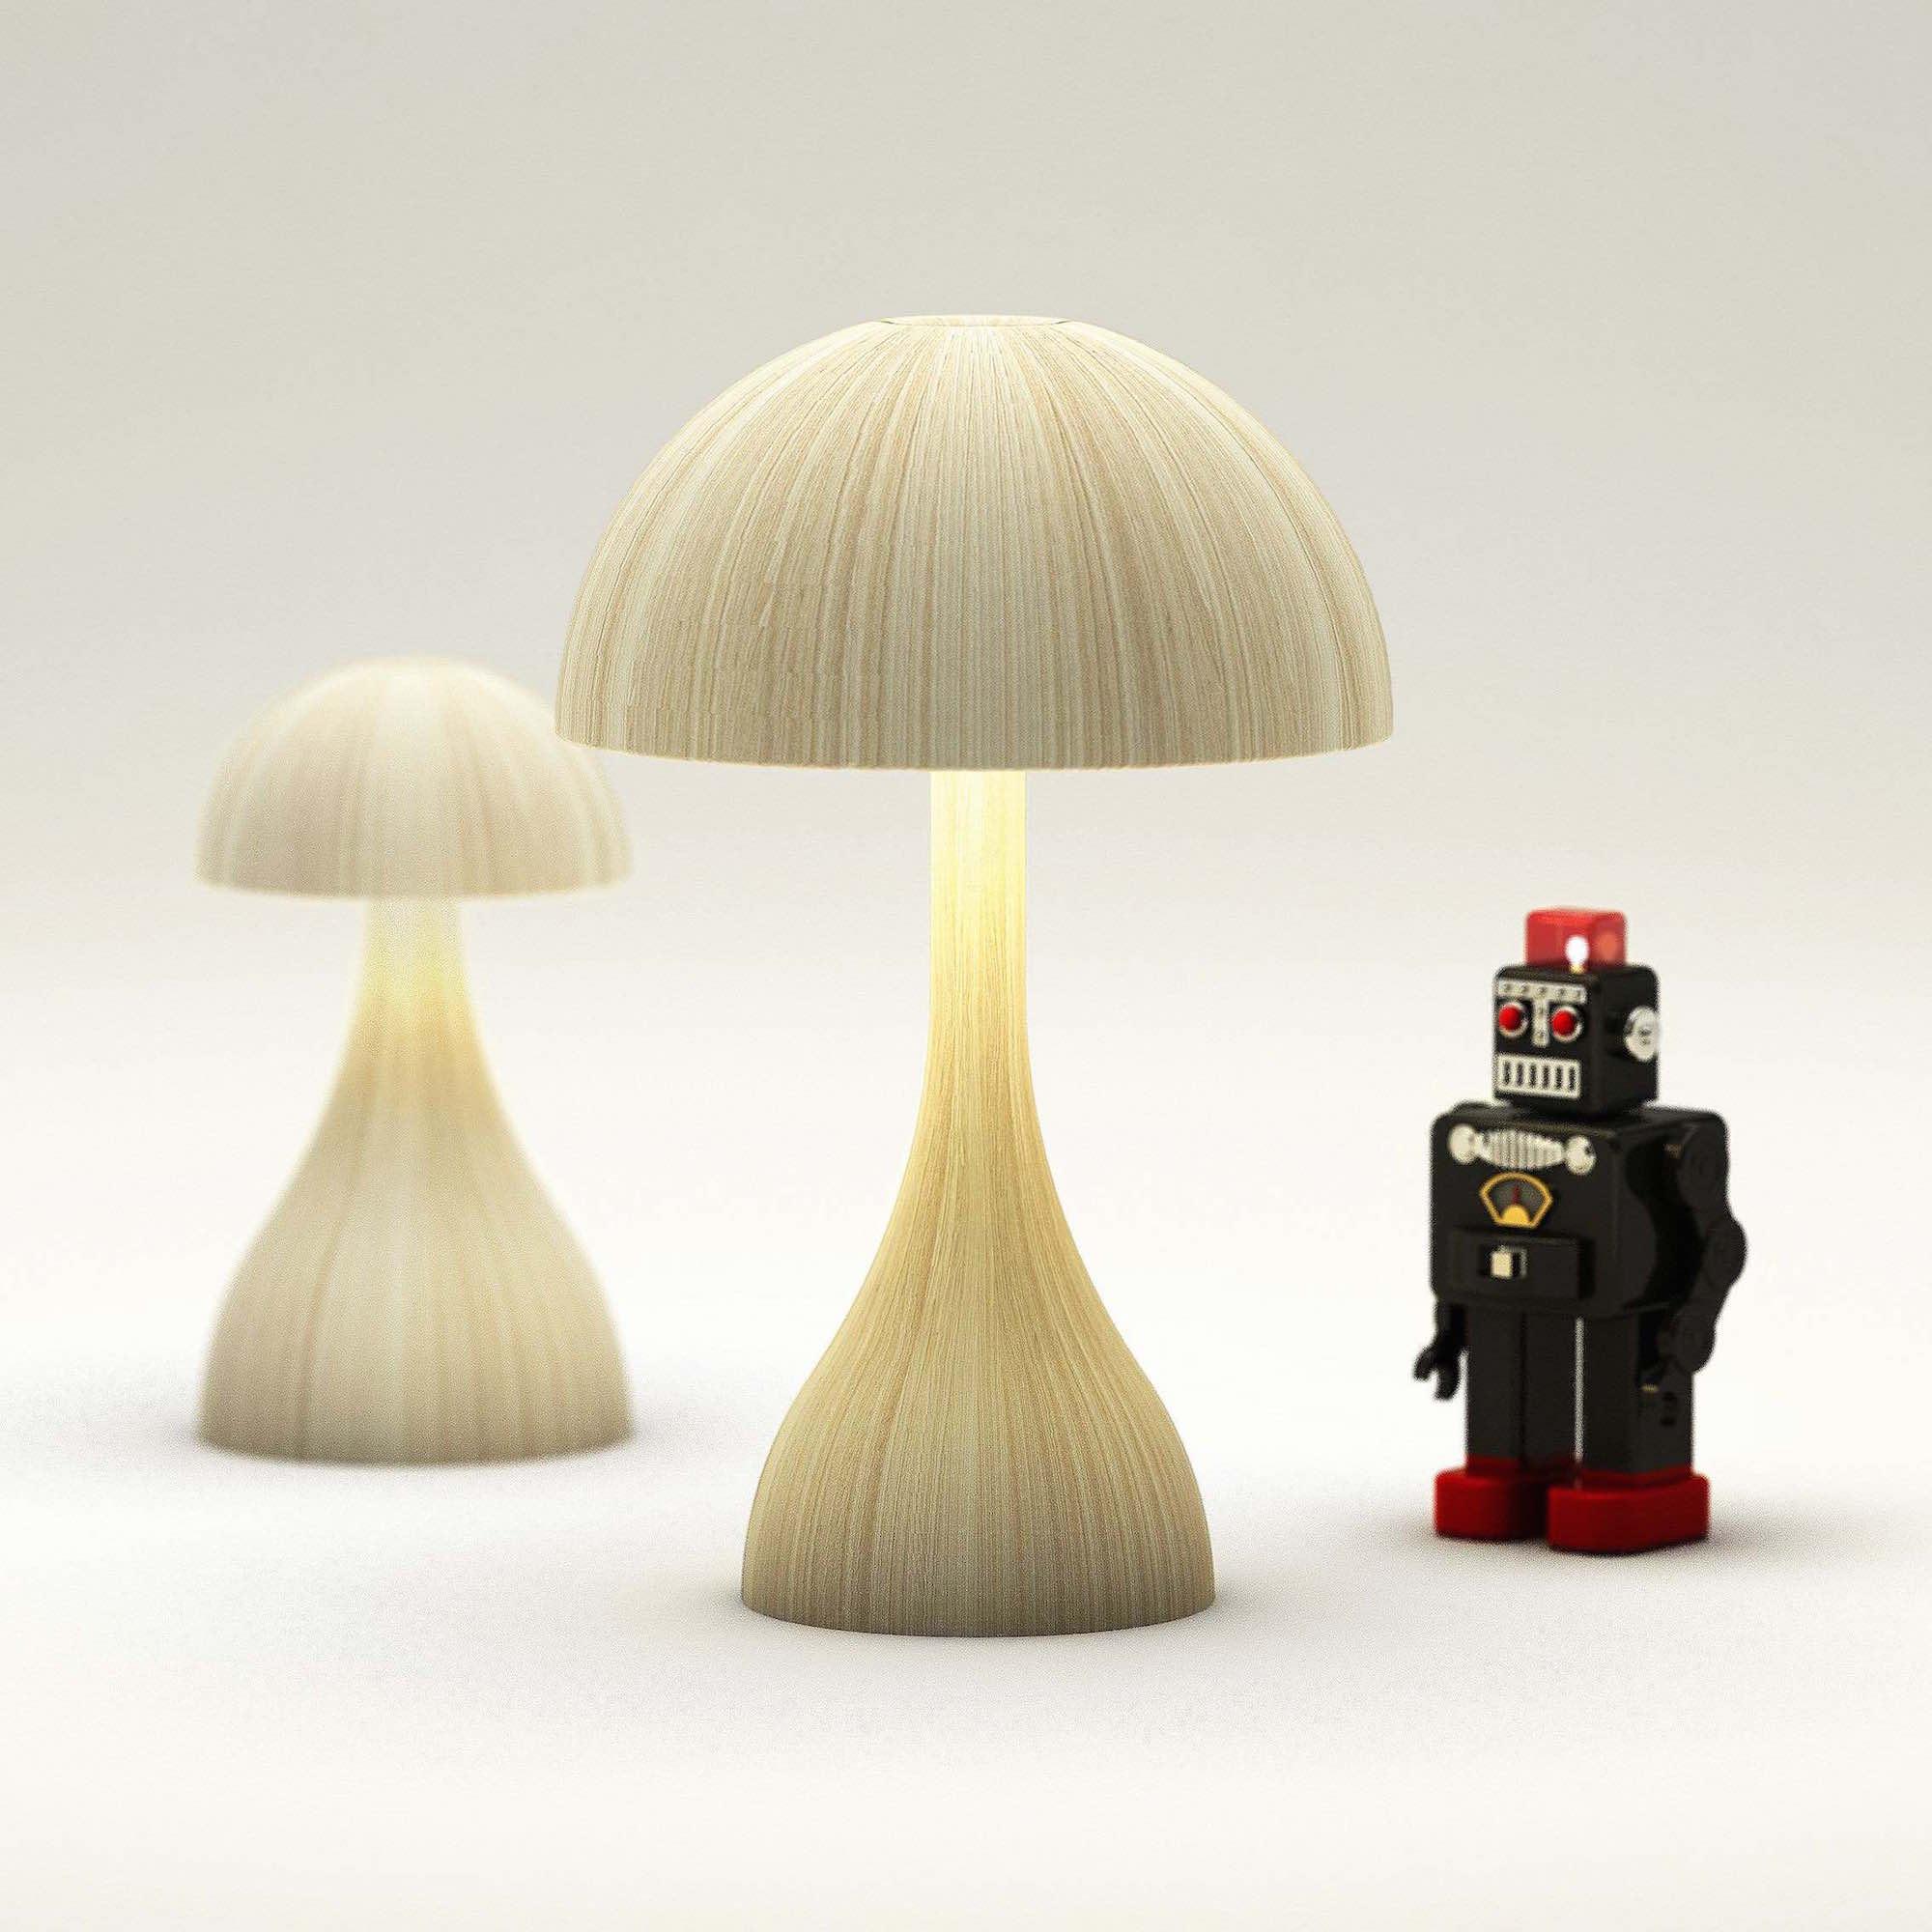 woodlamp final